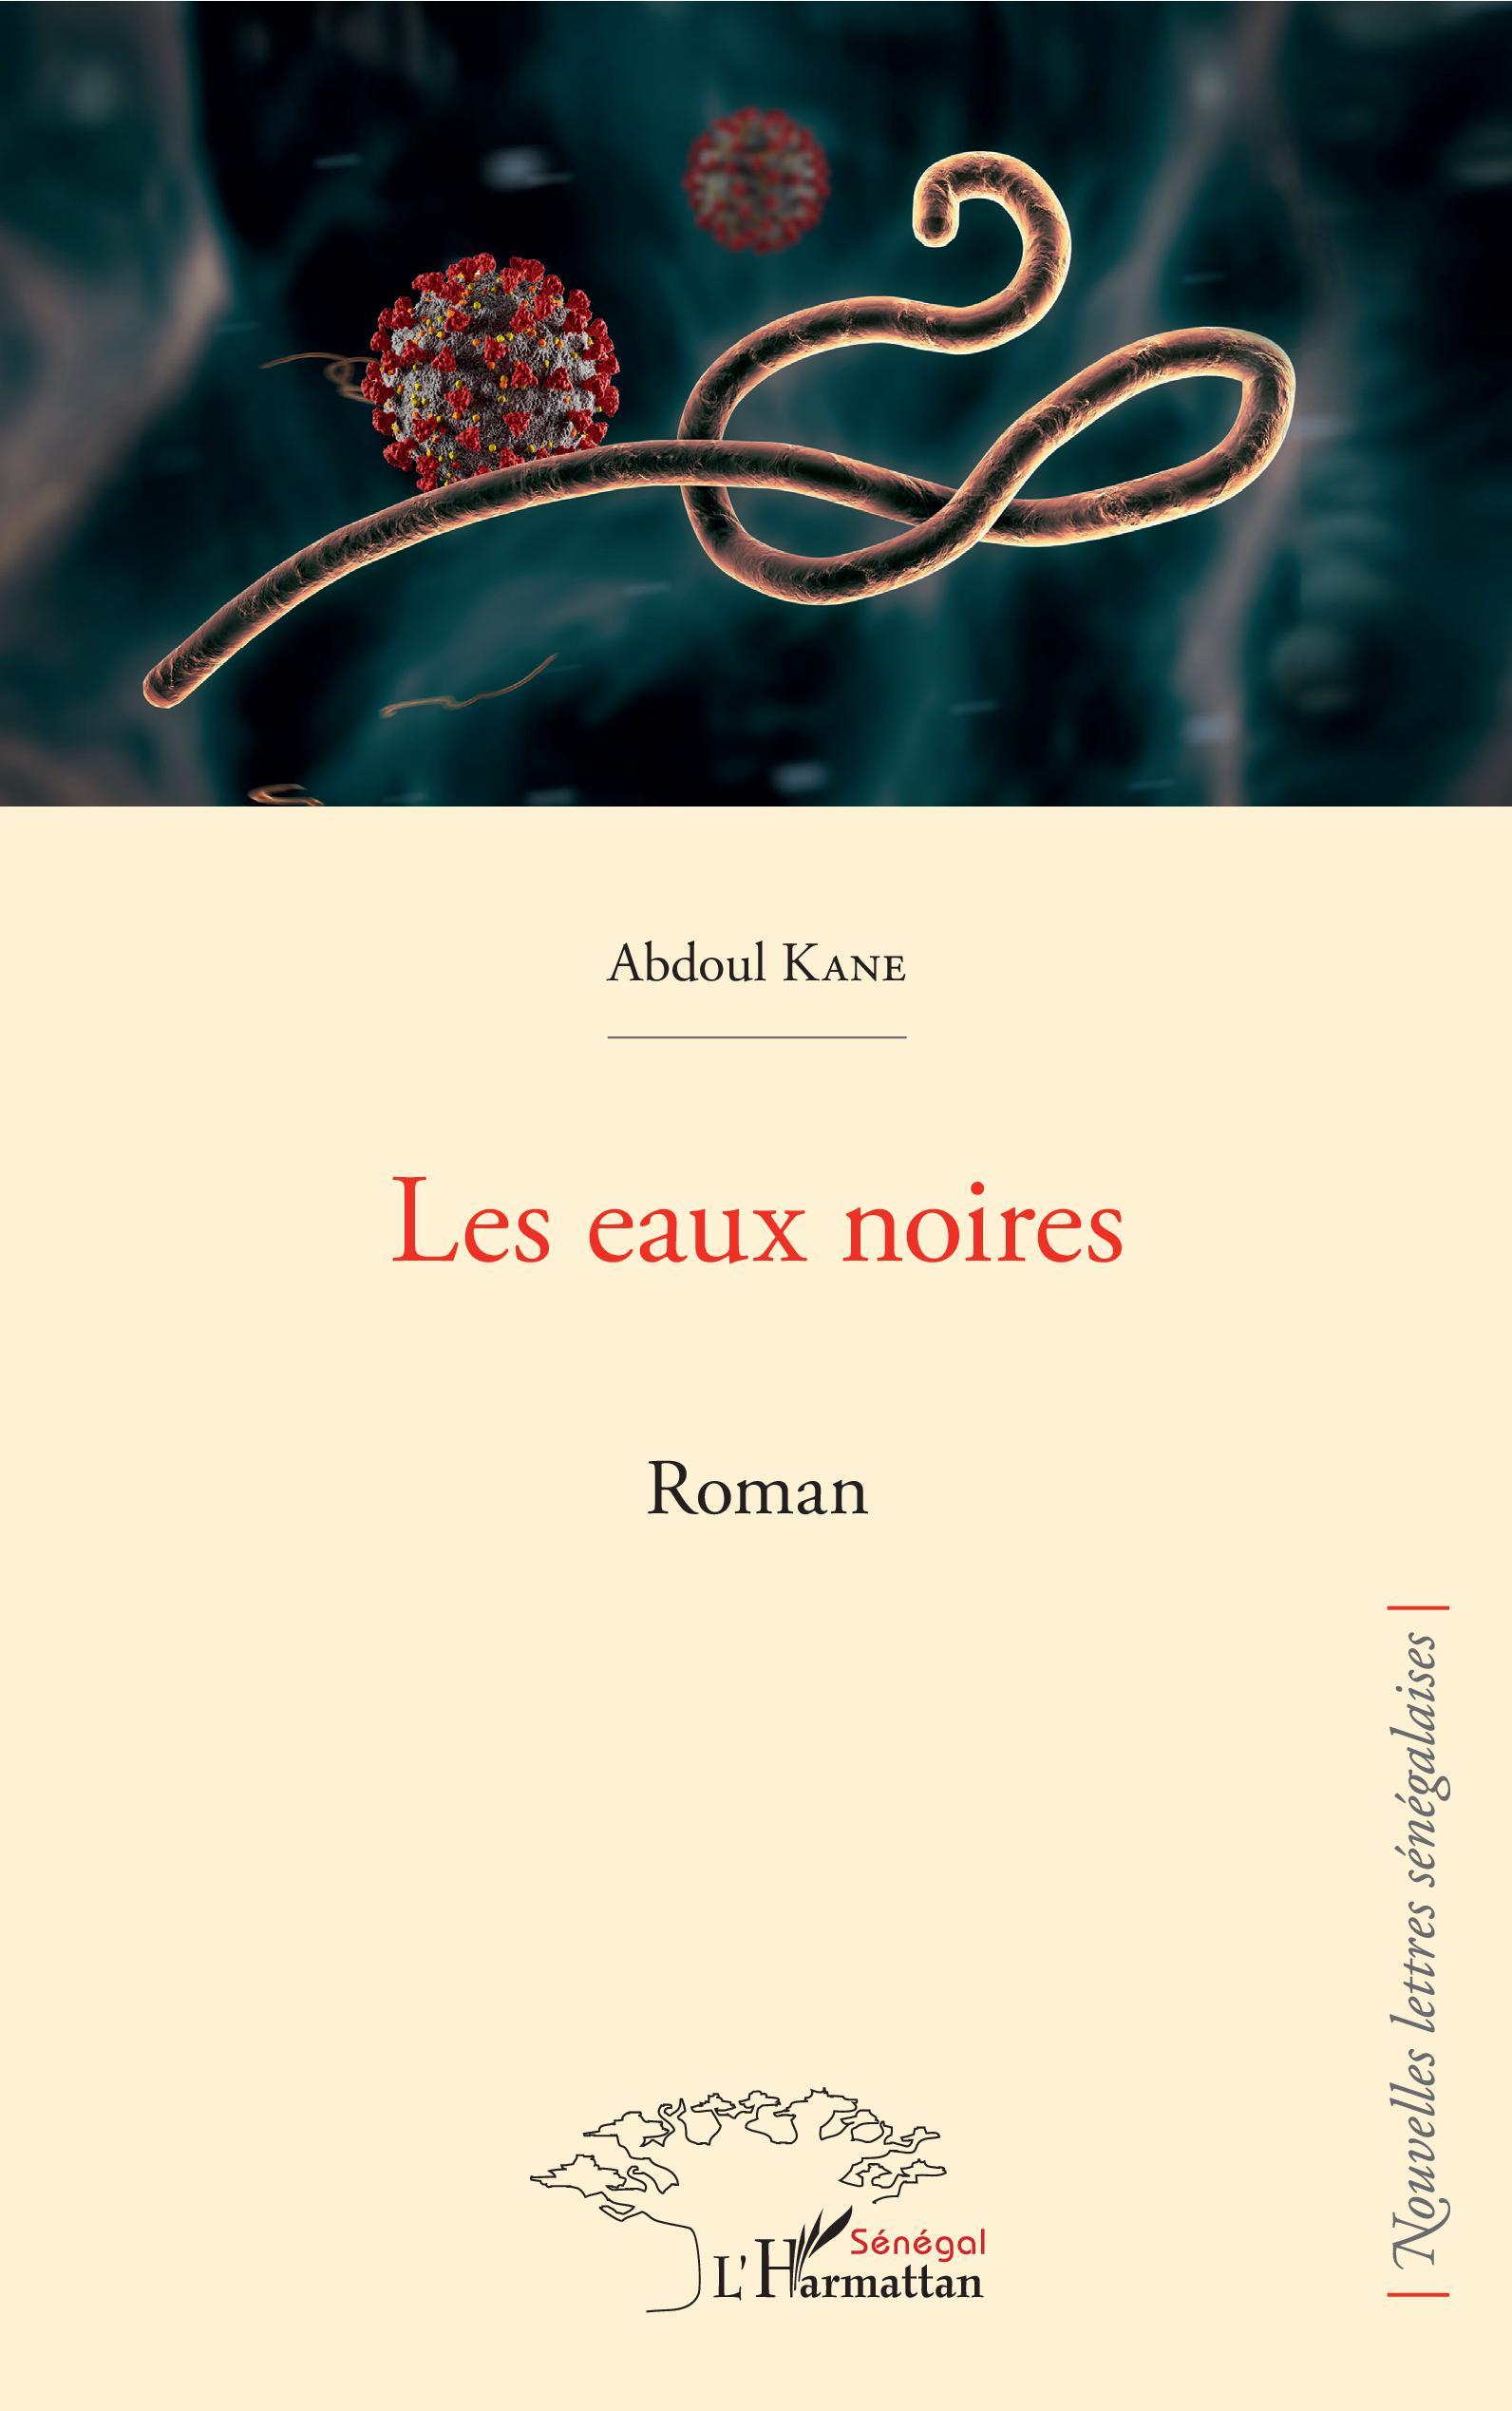 LES EAUX NOIRES. ROMAN, Abdoul Kane - livre, ebook, epub - idée lecture